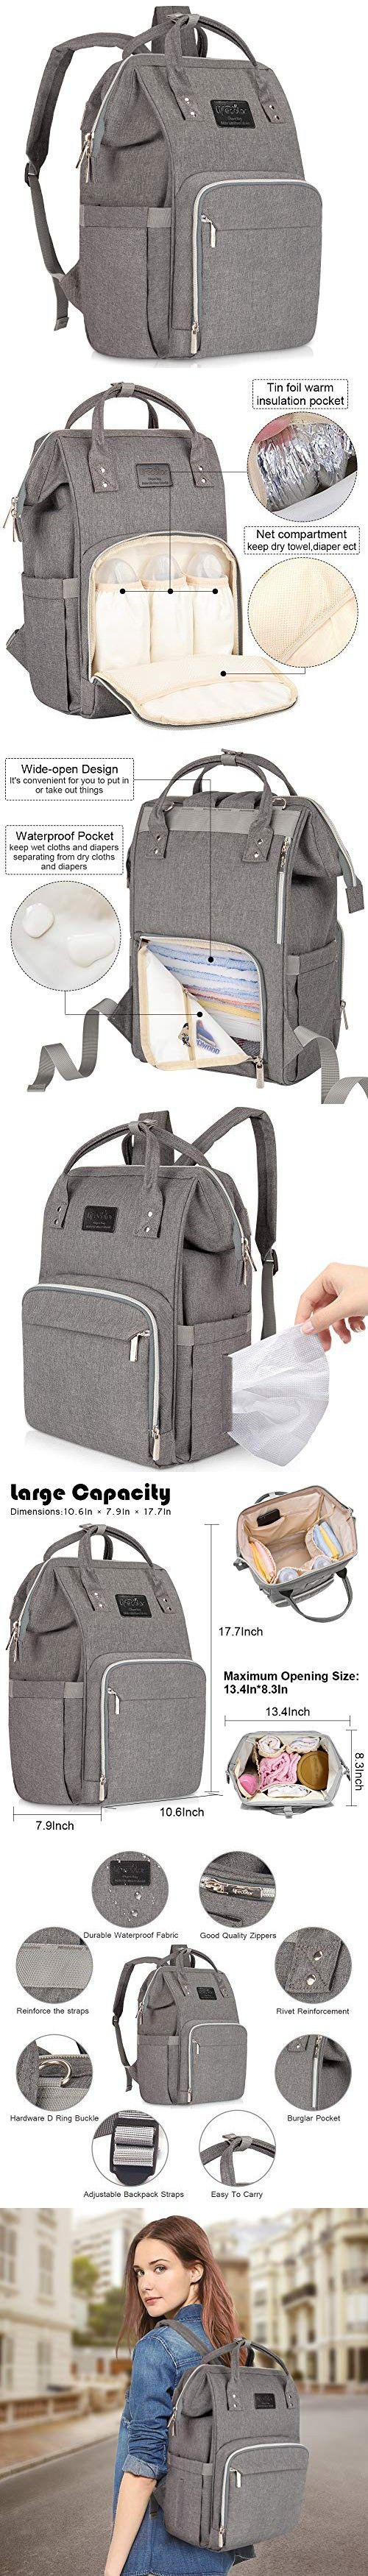 b5e30ea1b4 Diaper Bag Backpack